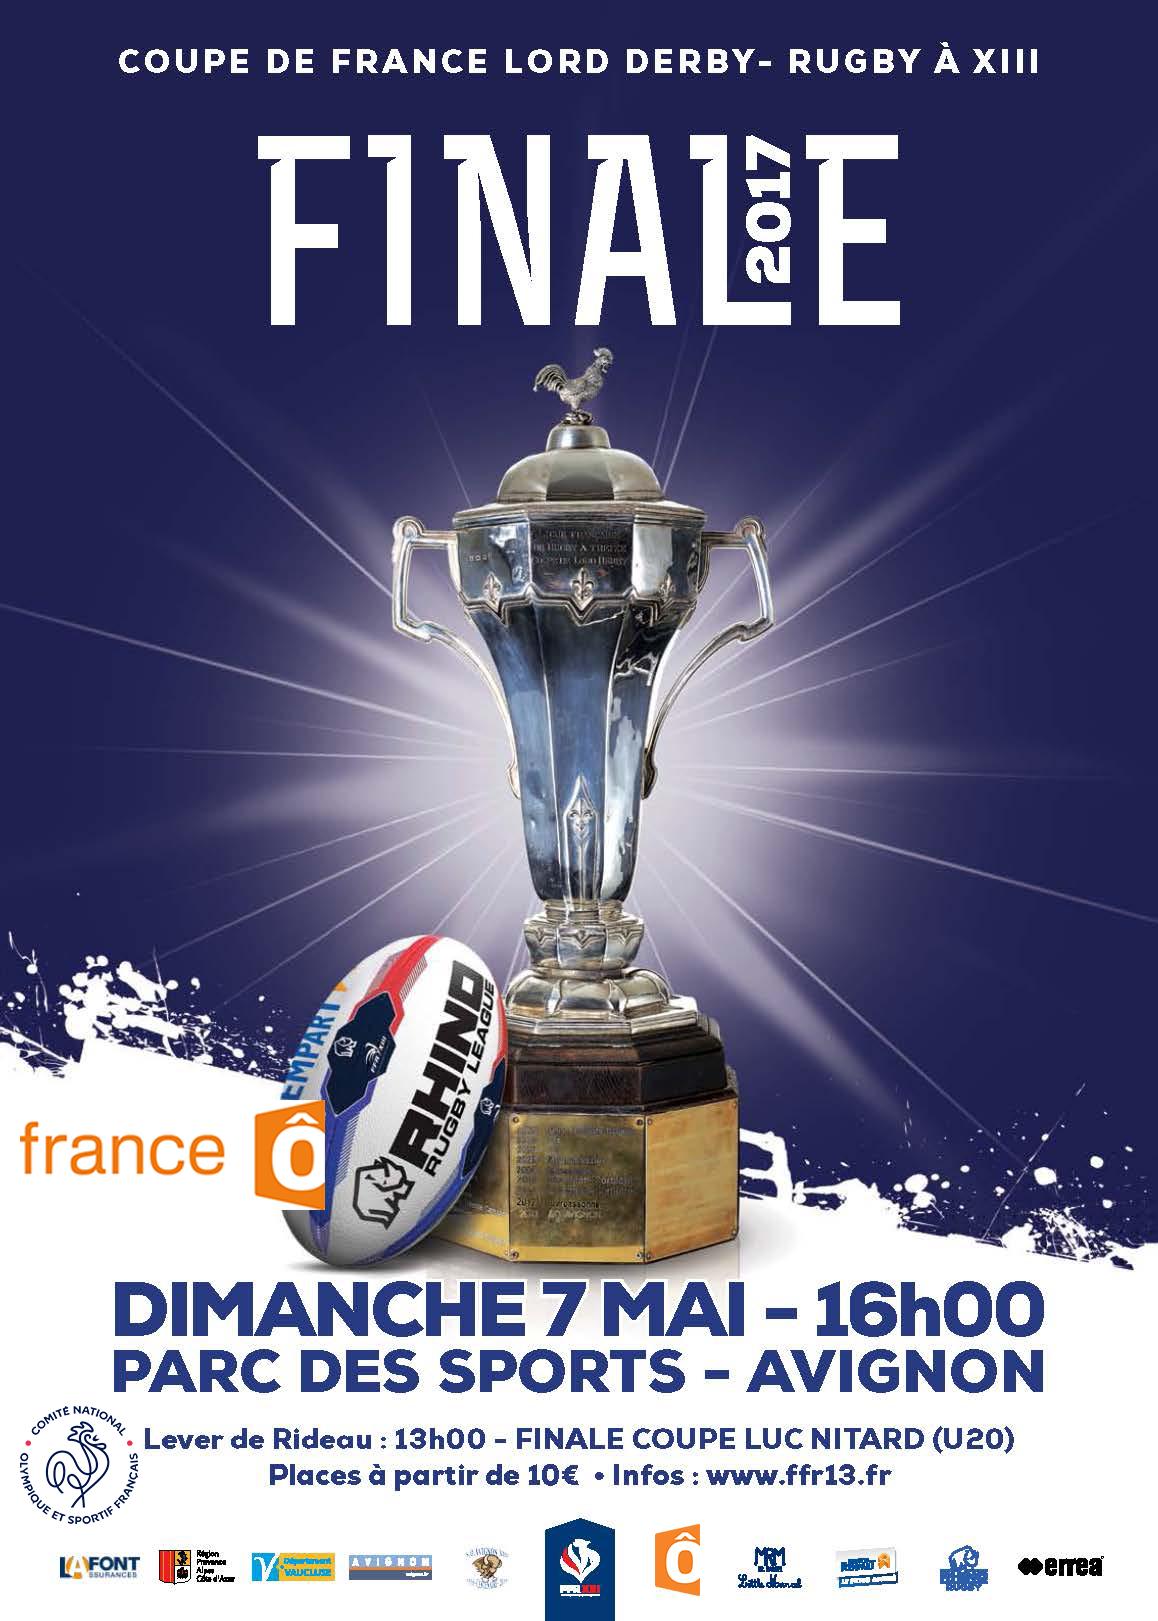 La finale de la coupe de france 2017 sur france t l vision sporting olympique avignon xiii - Coupe de france direct tv ...